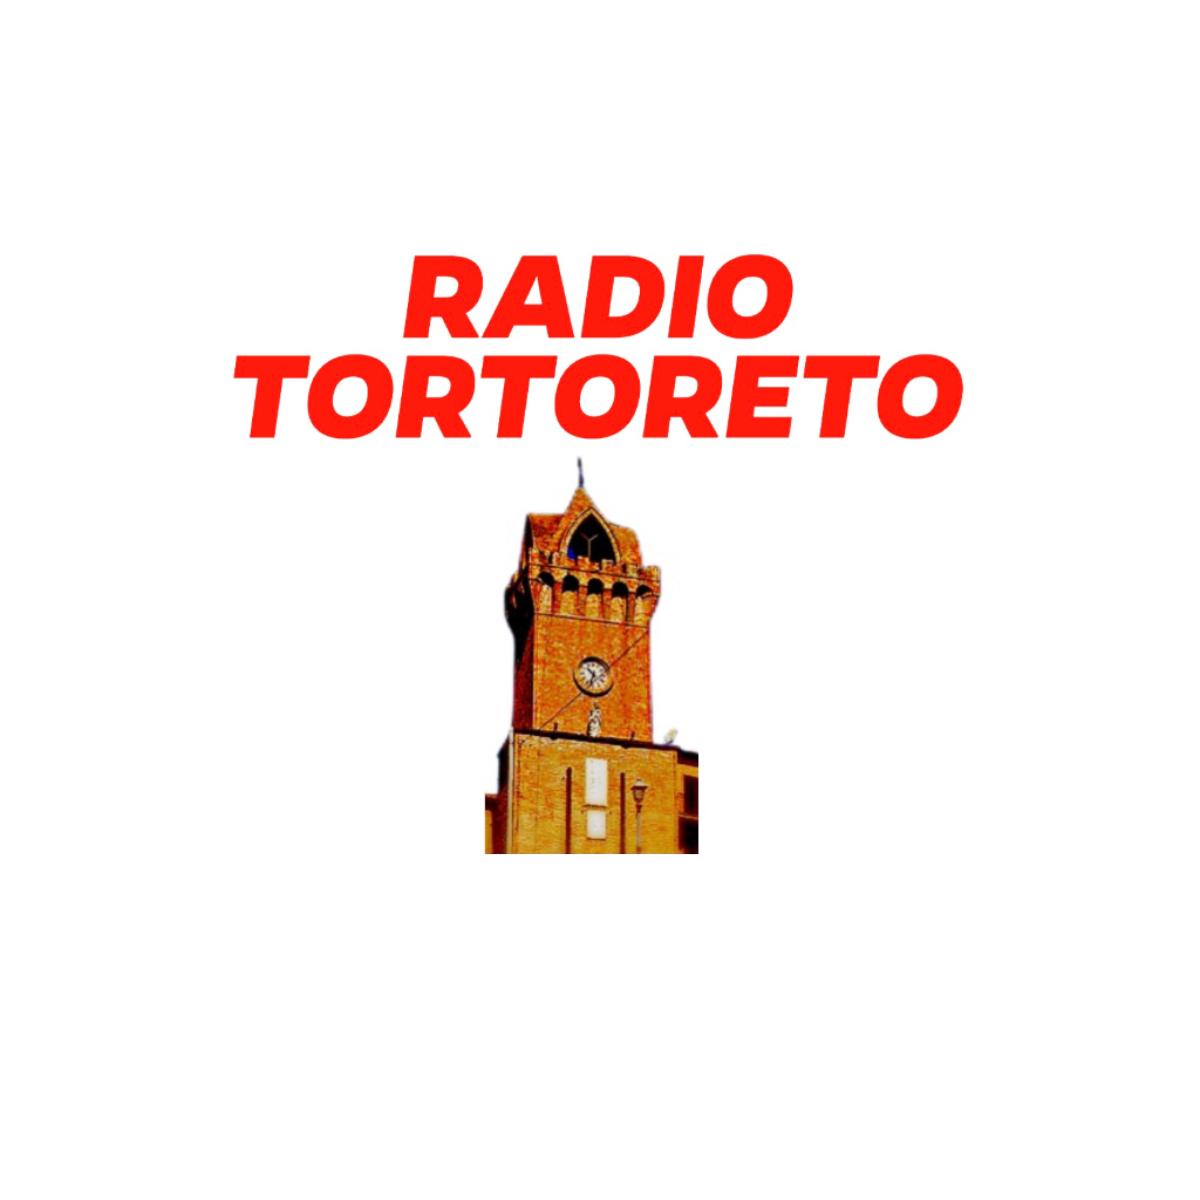 Radio-Tortoreto